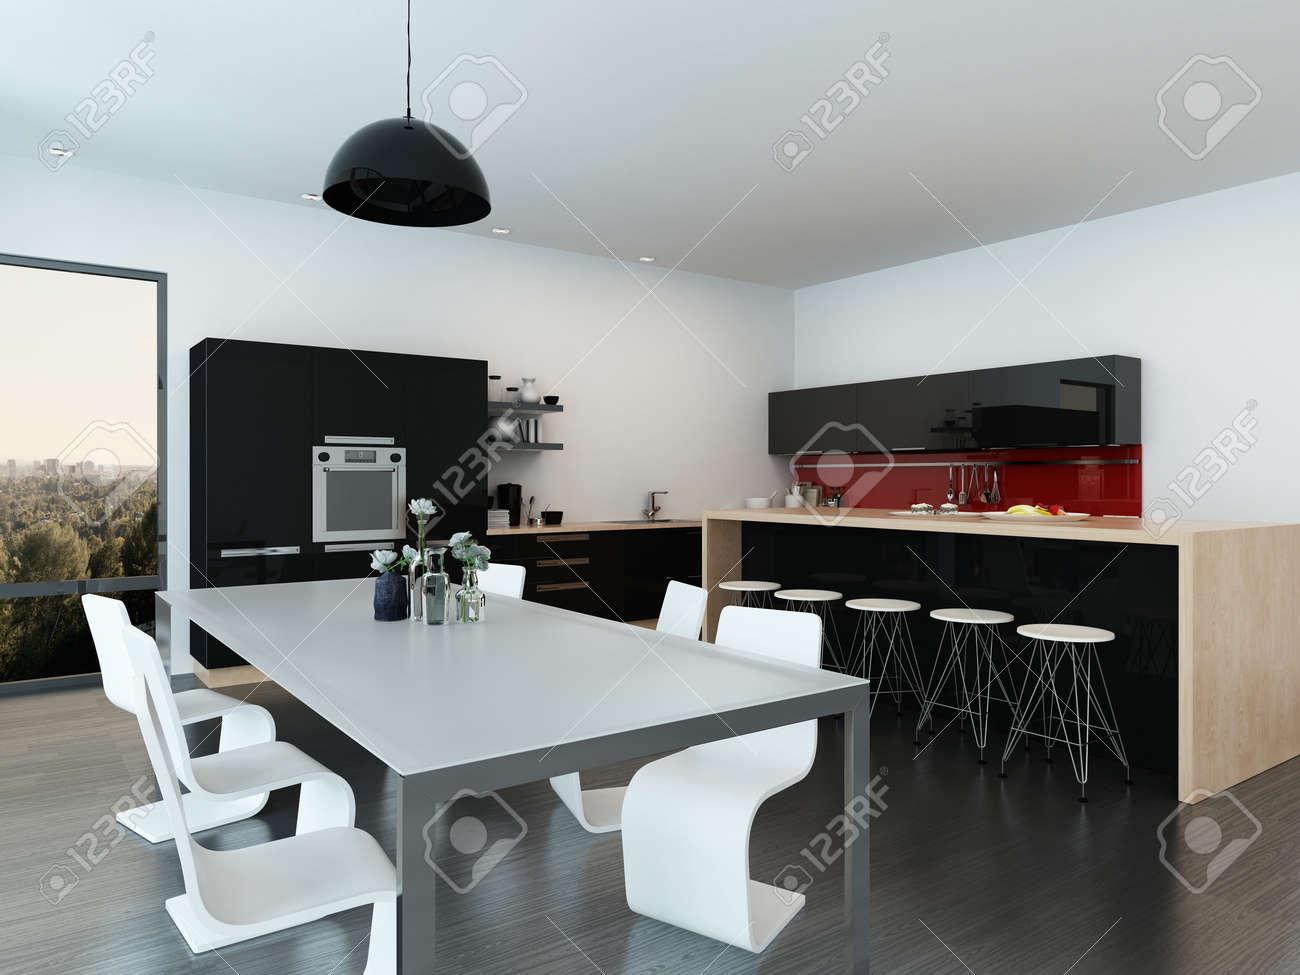 Ikea Meuble Cuisine Element Bas ~ Appartement Int Rieur D Cloisonn Moderne Avec Une Table L Gante